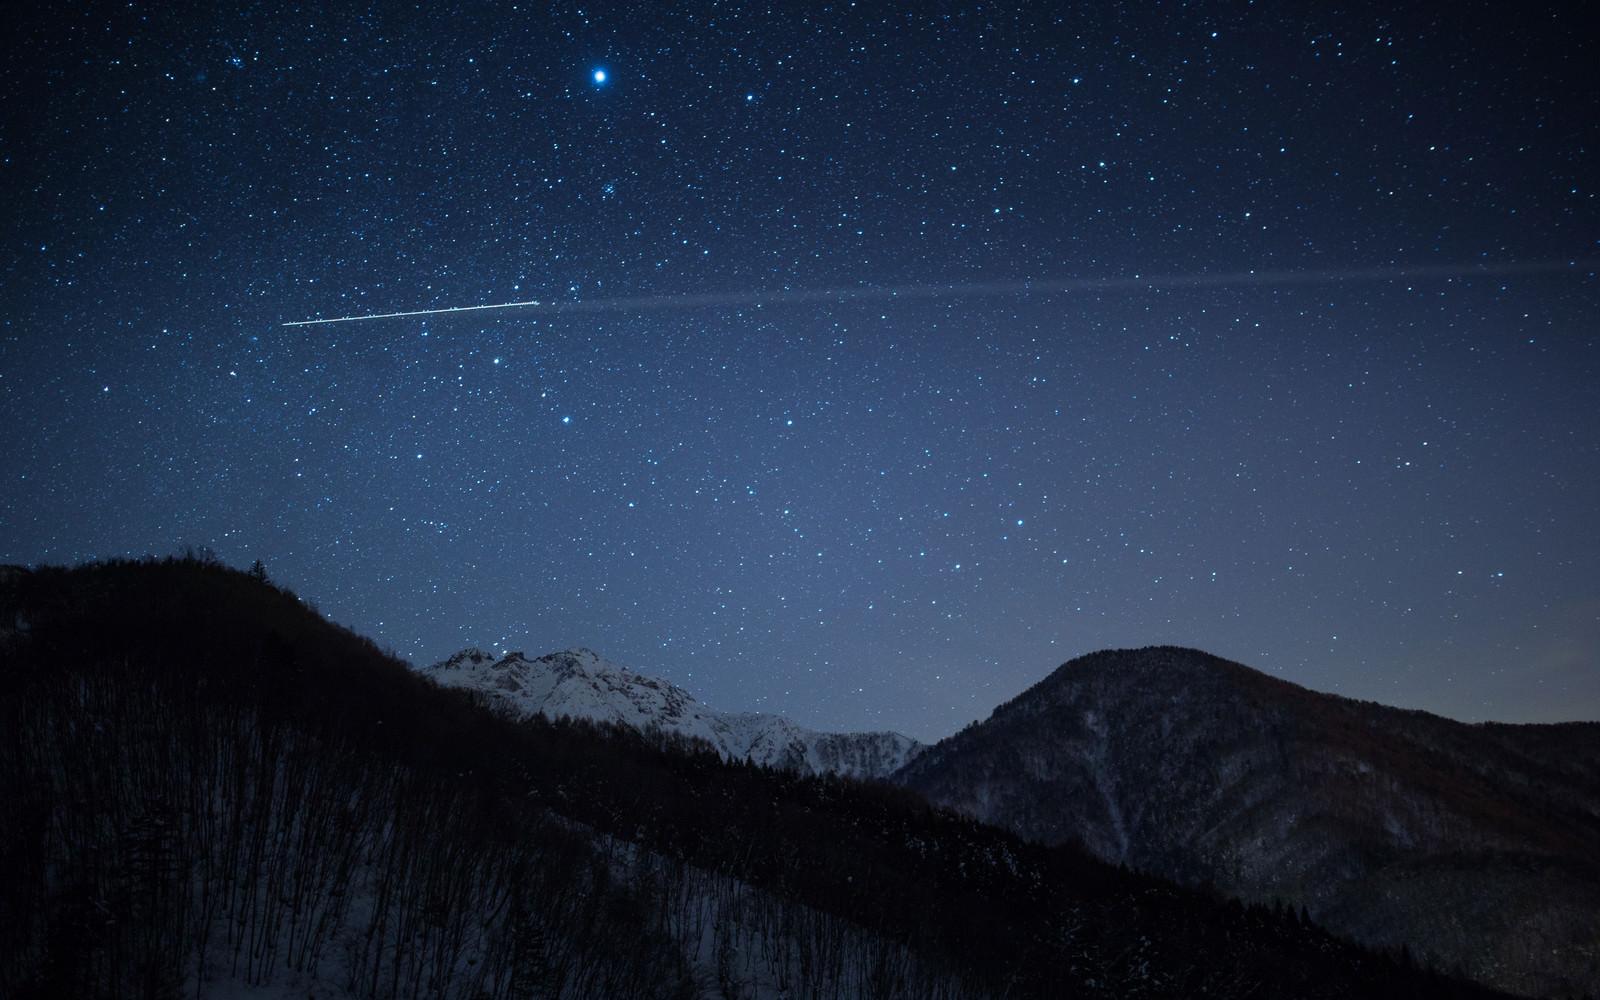 「北アルプス大橋からの夜景北アルプス大橋からの夜景」のフリー写真素材を拡大